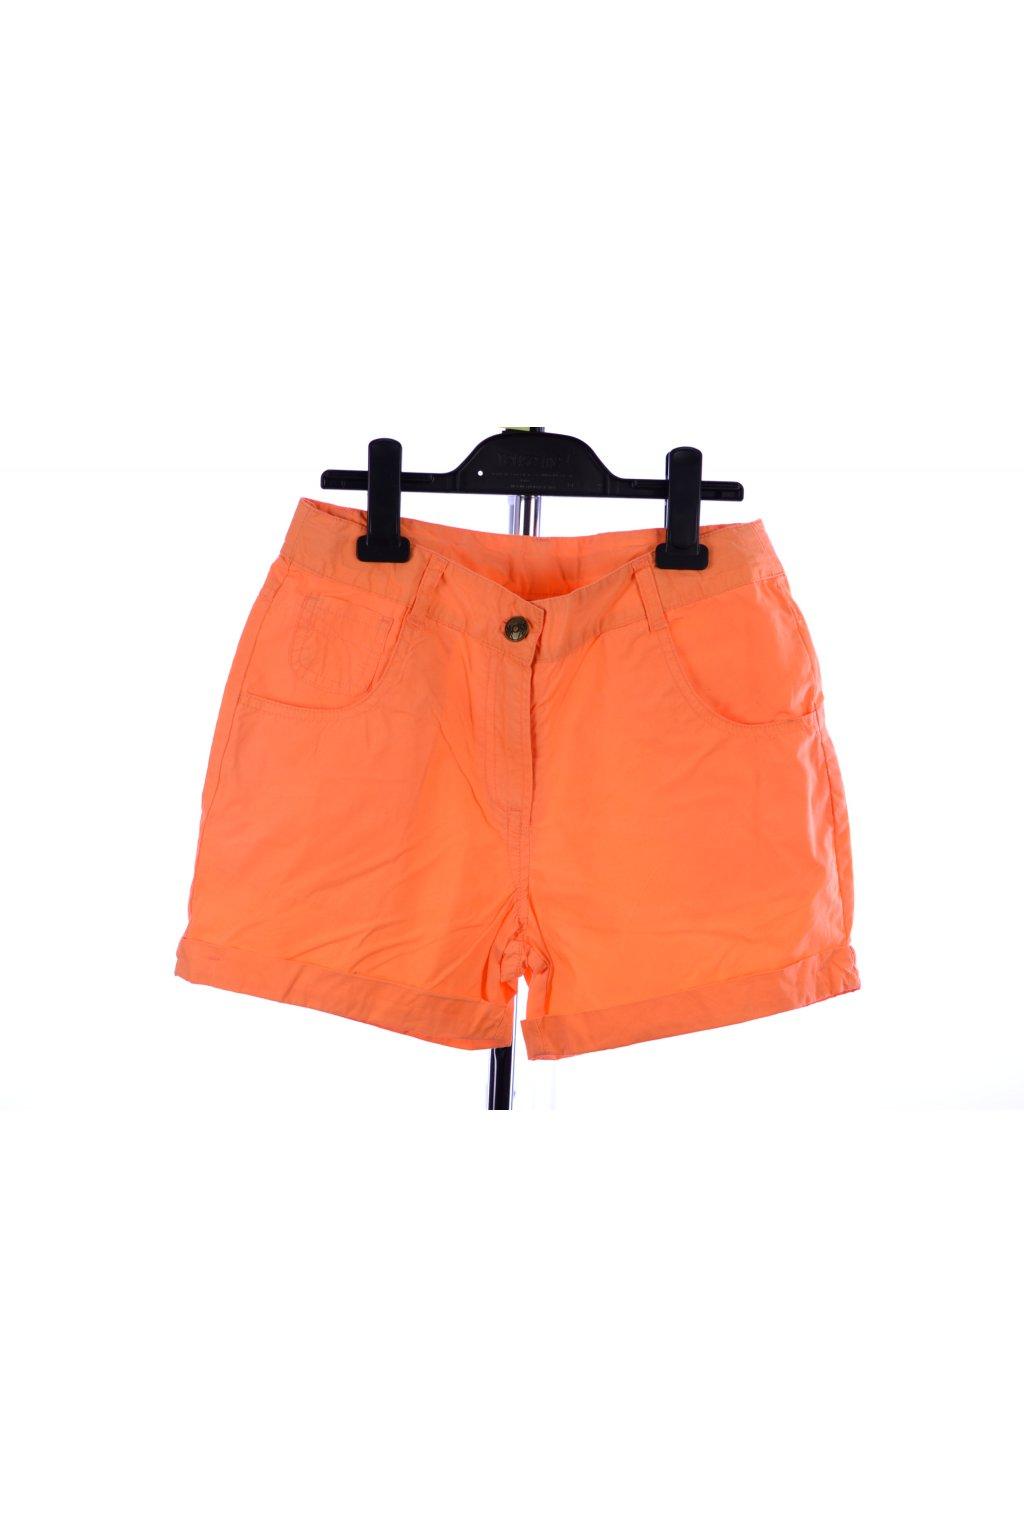 Kraťasy Yigga vel 158 oranžové